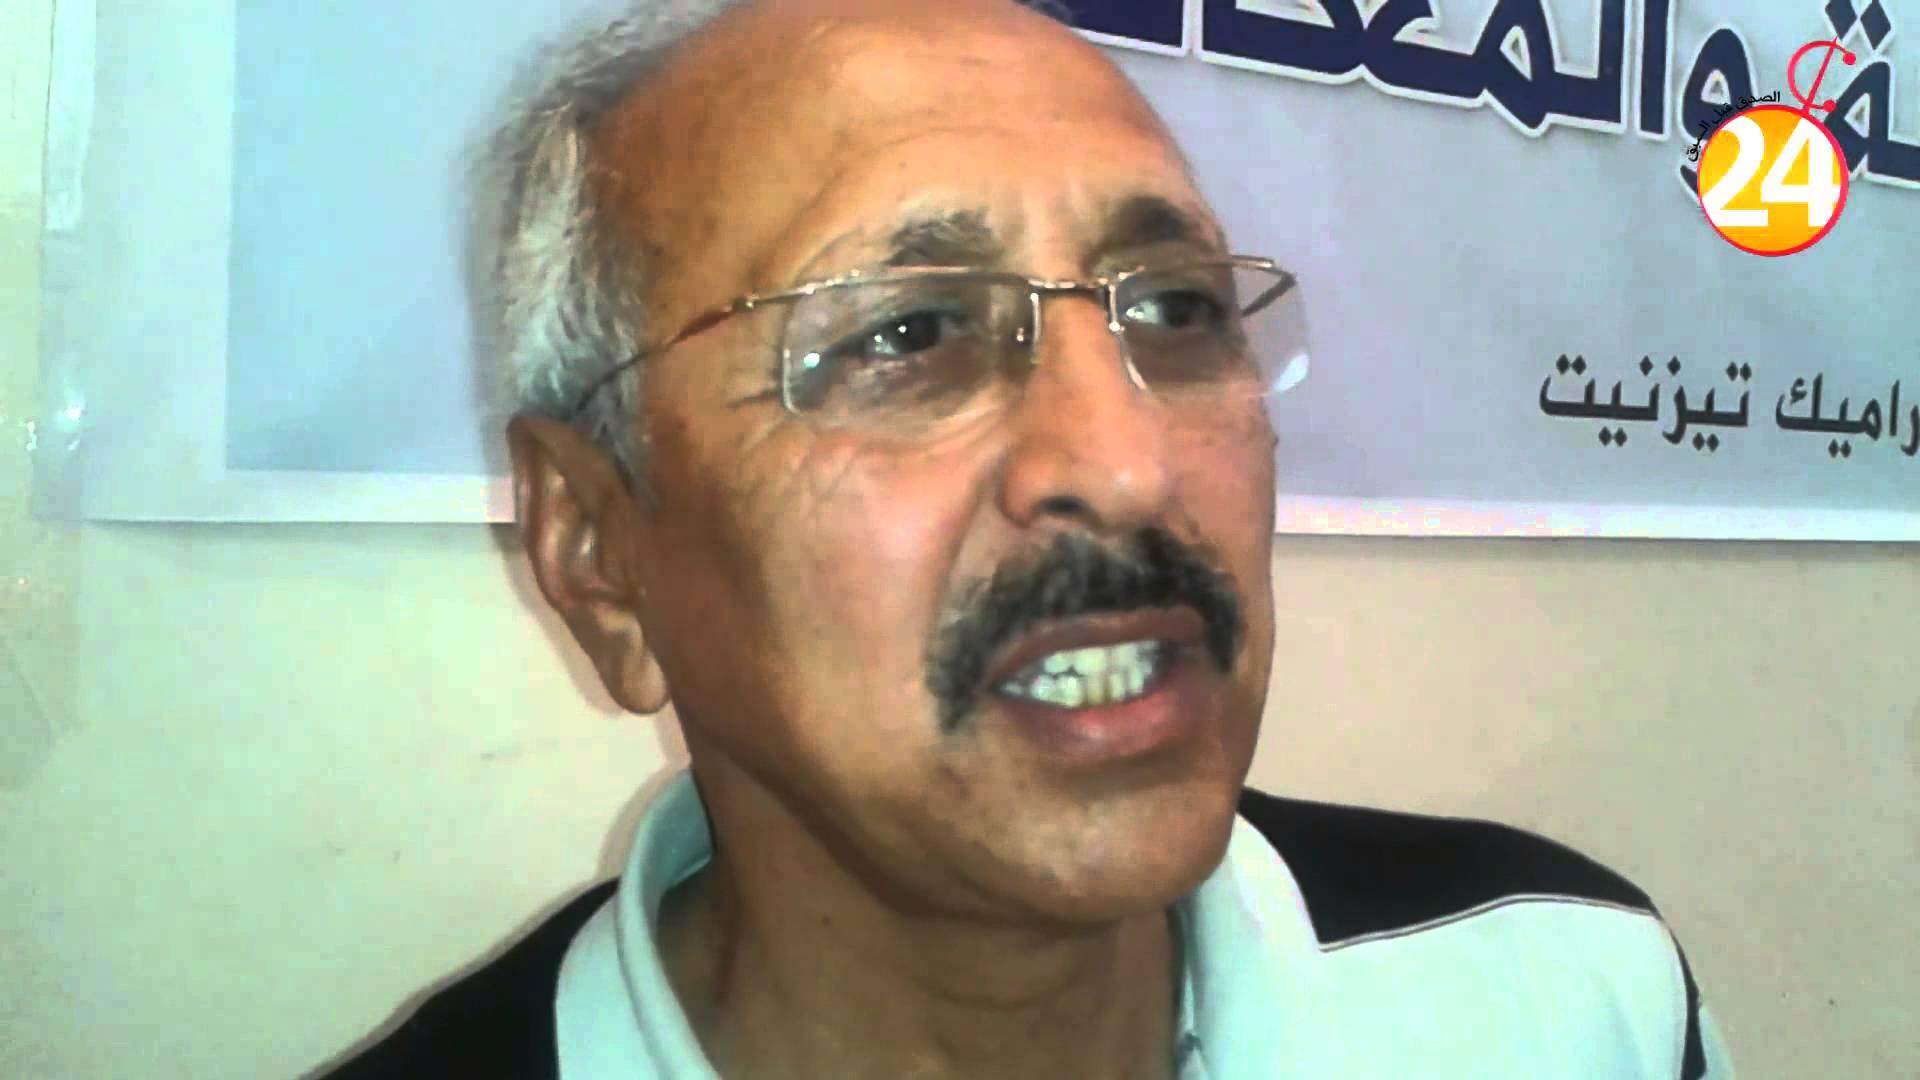 اديعزا رئيسا للفضاء الإقليمي للتضامن و العمل الخيري إقليم تيزنيت